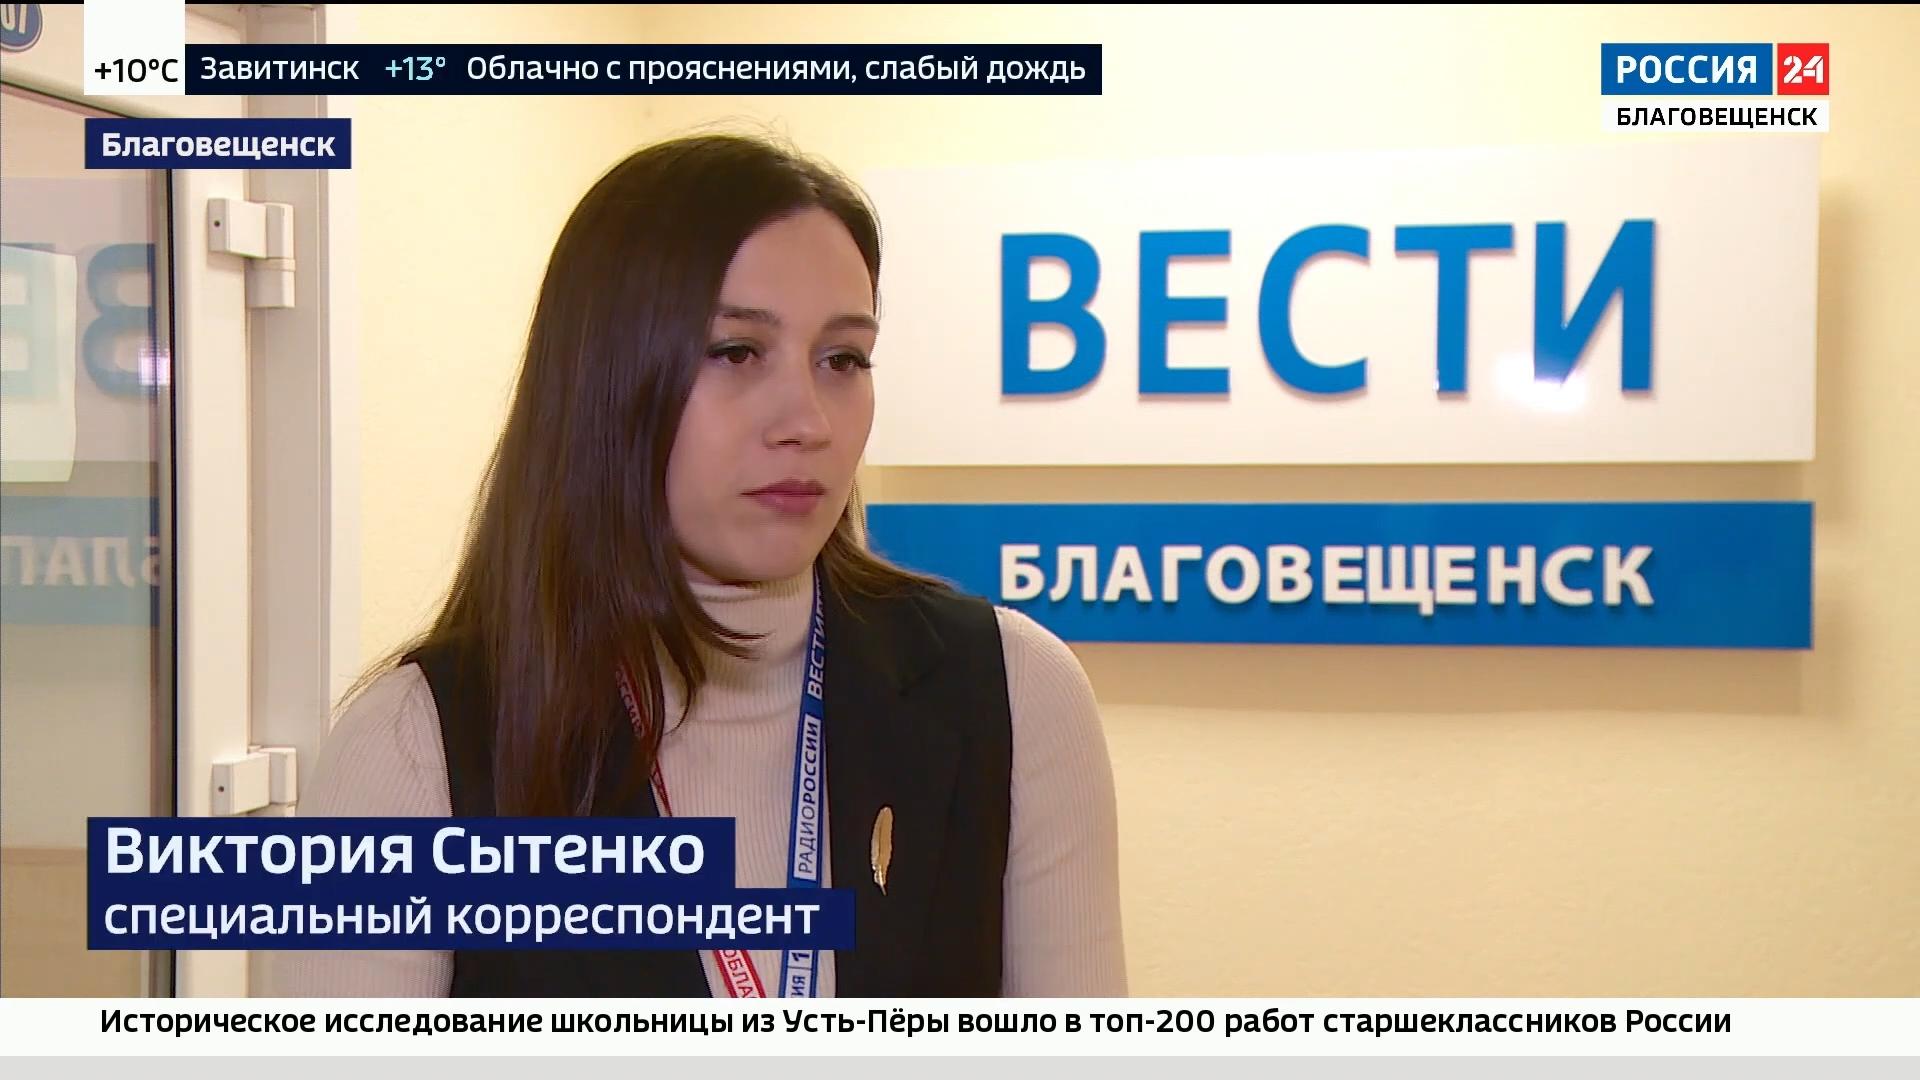 20210513_07-40--30 лет в эфире- сегодня ВГТРК празднует юбилей «Вестей»-pic08